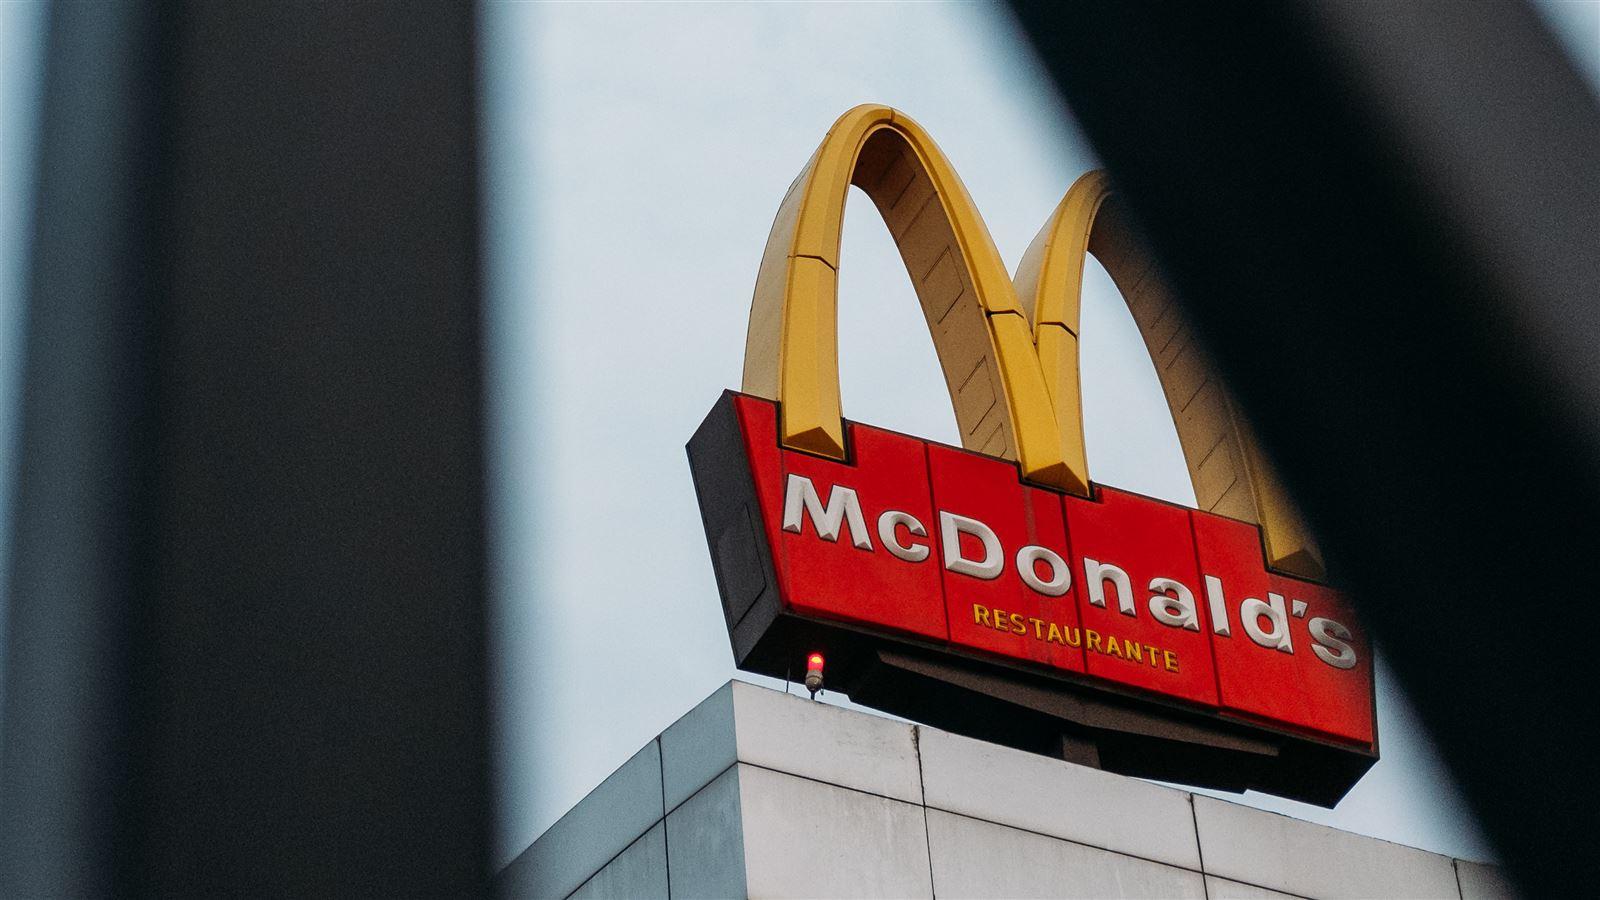 Billede af bygning med mcdonalds-skilt